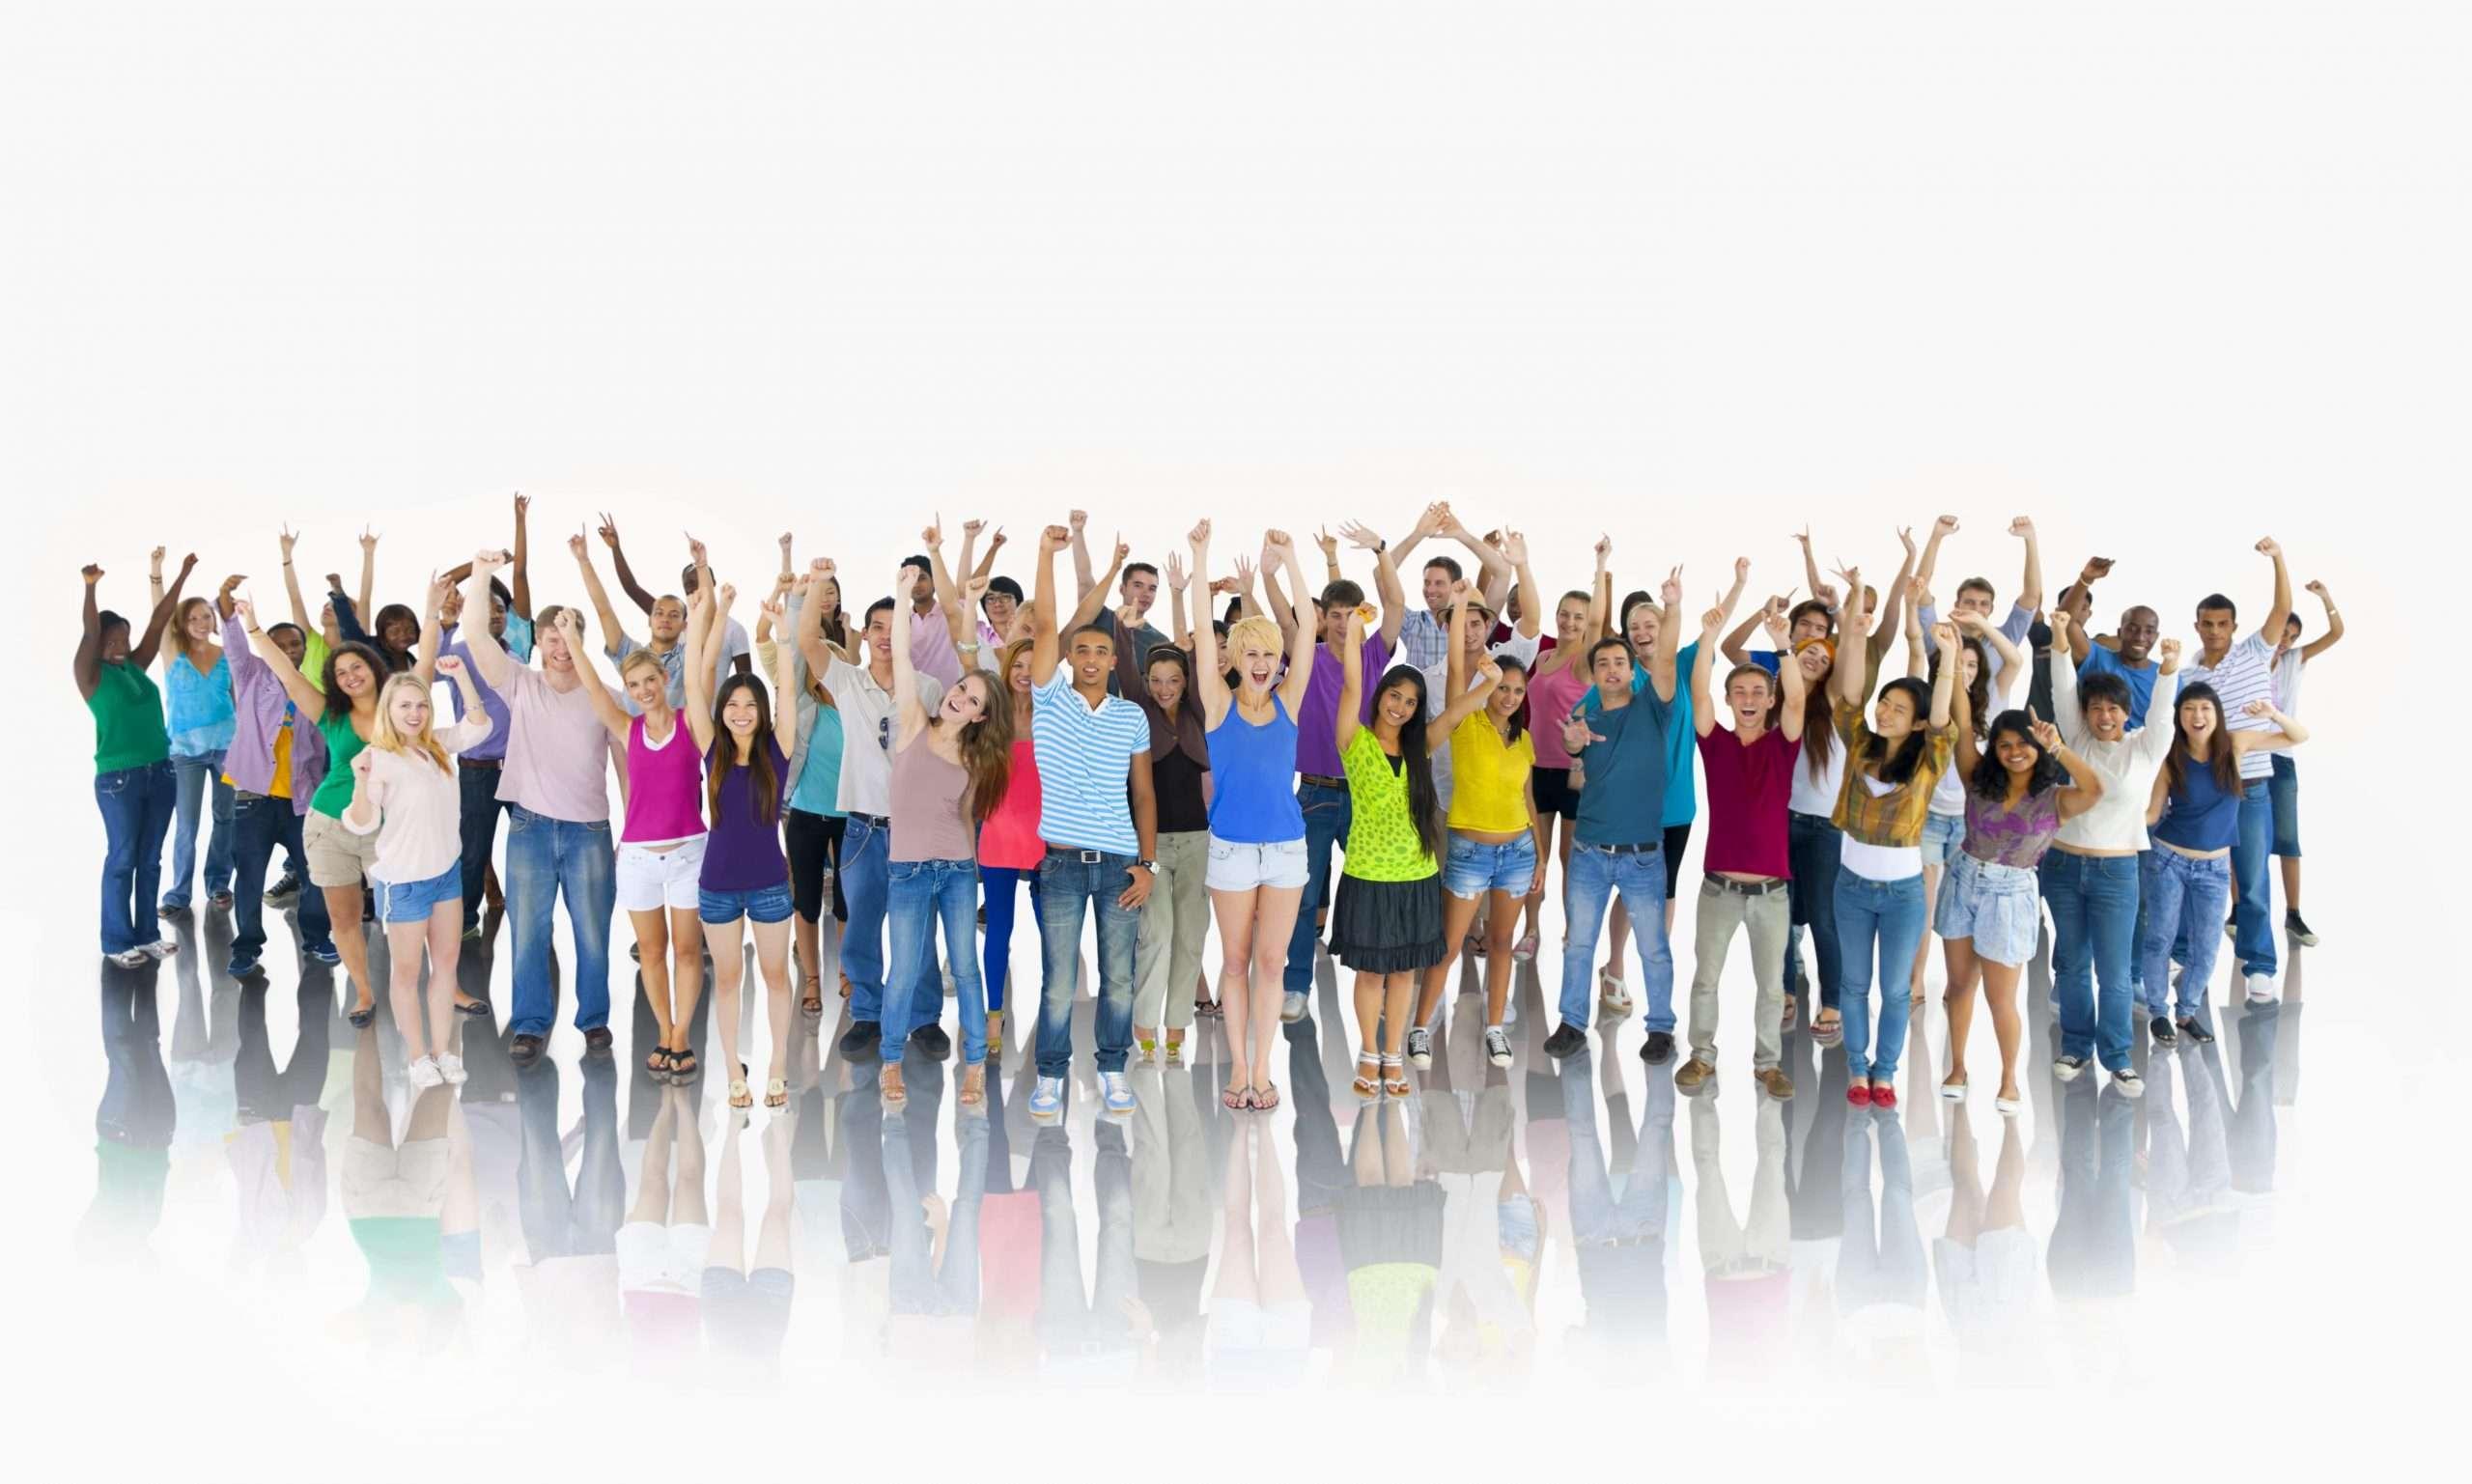 Grupos de Facebook, Grupo inmobiliario en Facebook, grupos de bienes raíces en Facebook, grupos para vender casas en Facebook, grupos de agentes inmobiliarios en Facebook, real estate Facebook groups